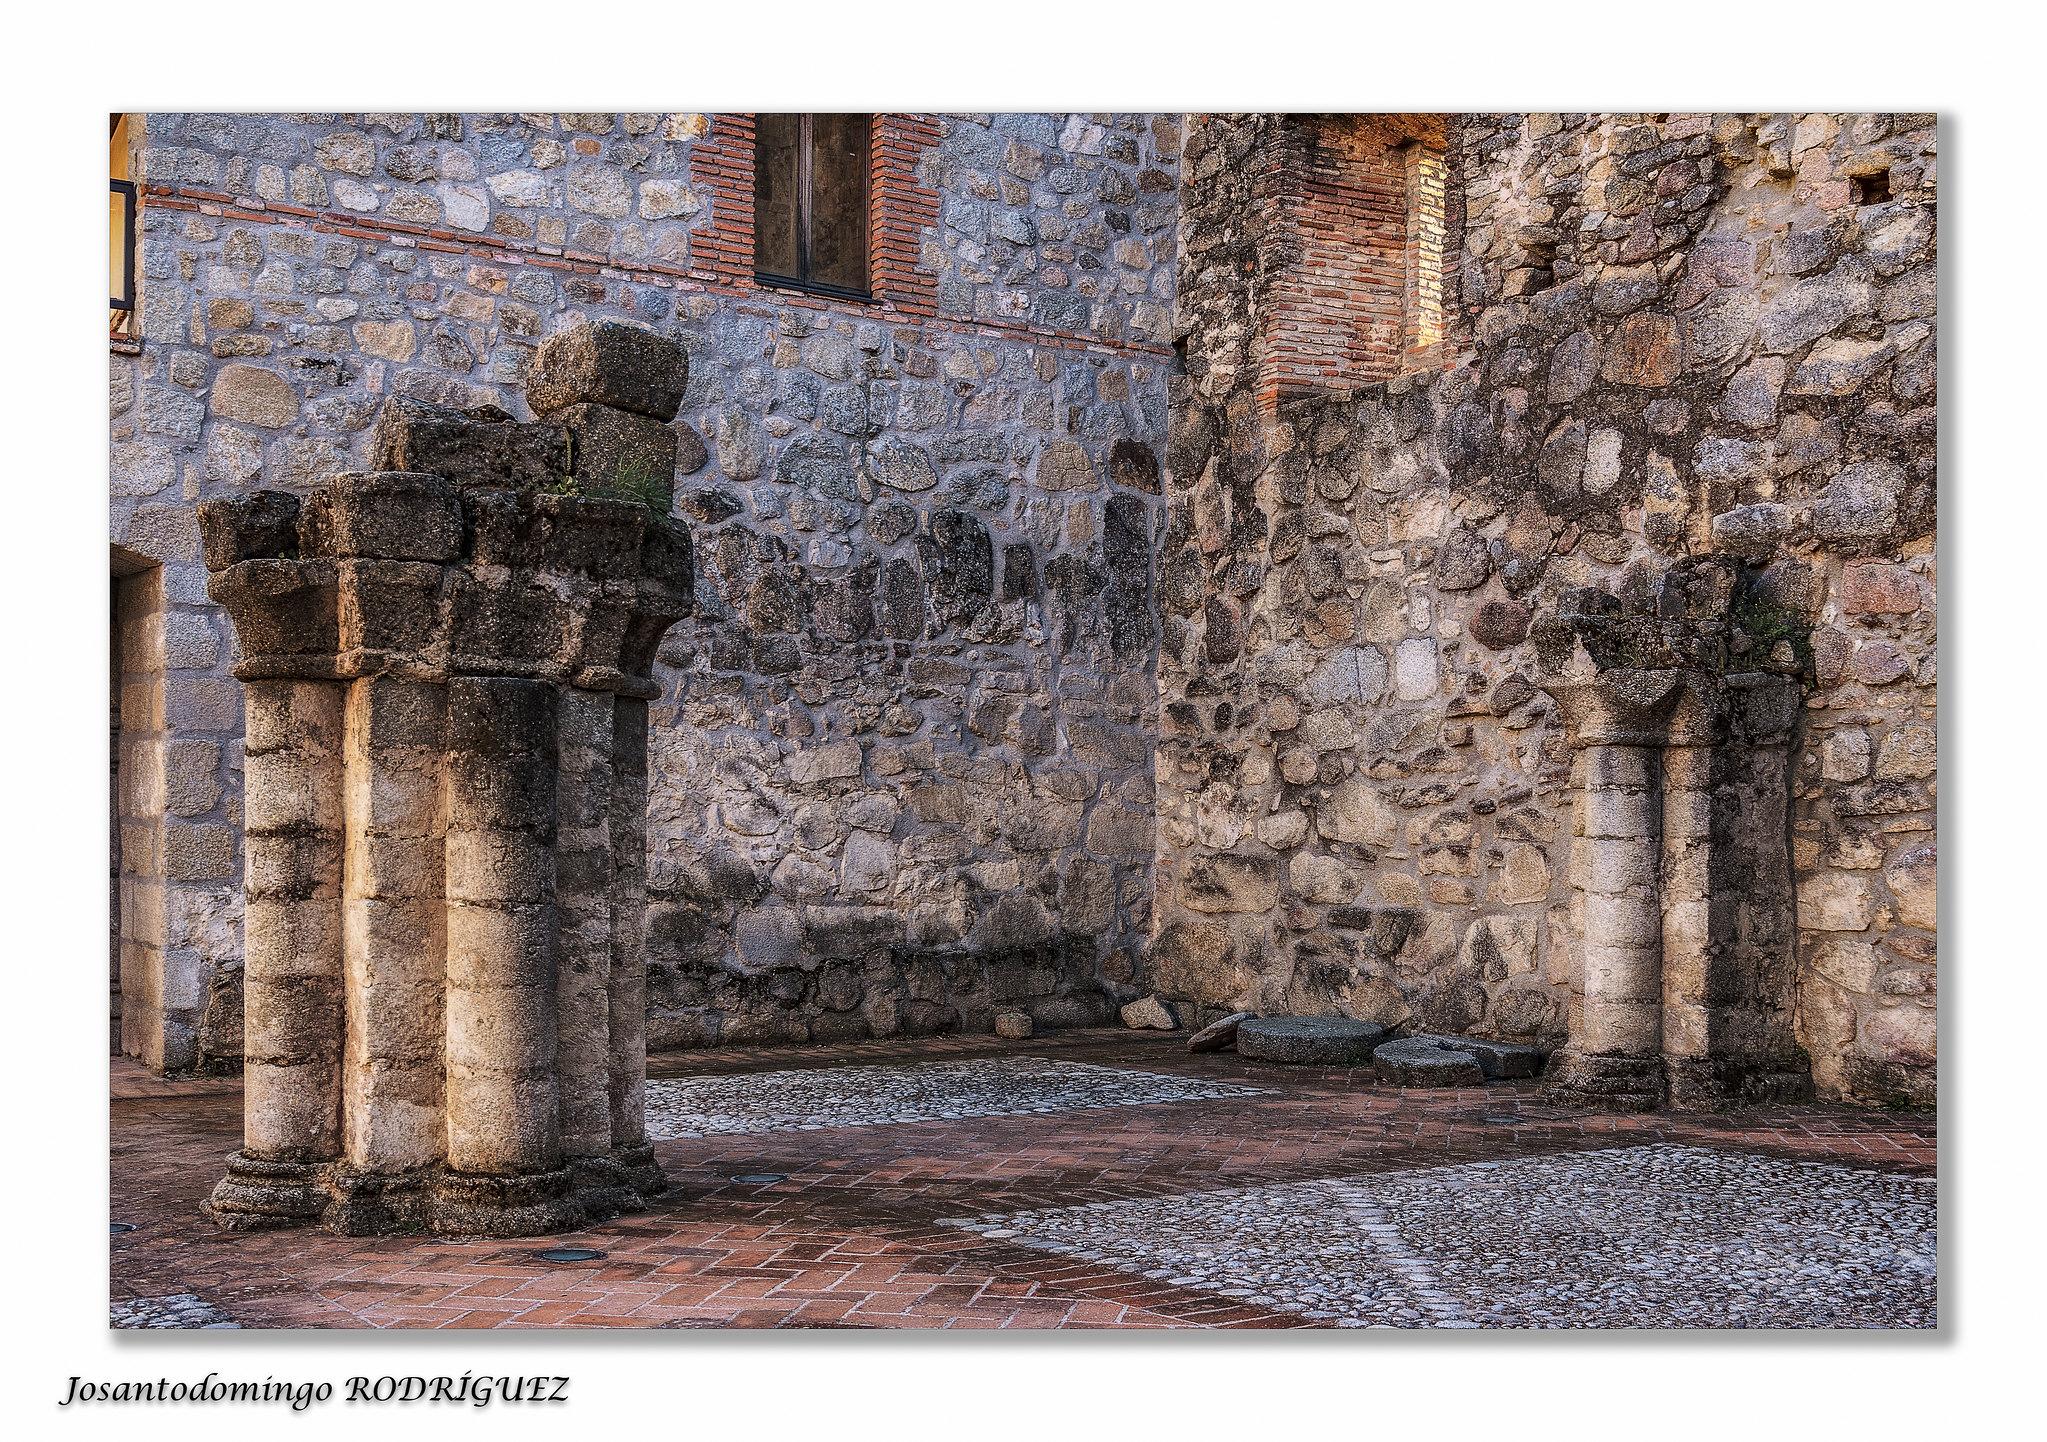 Castillo de La Adrada (Ávila)